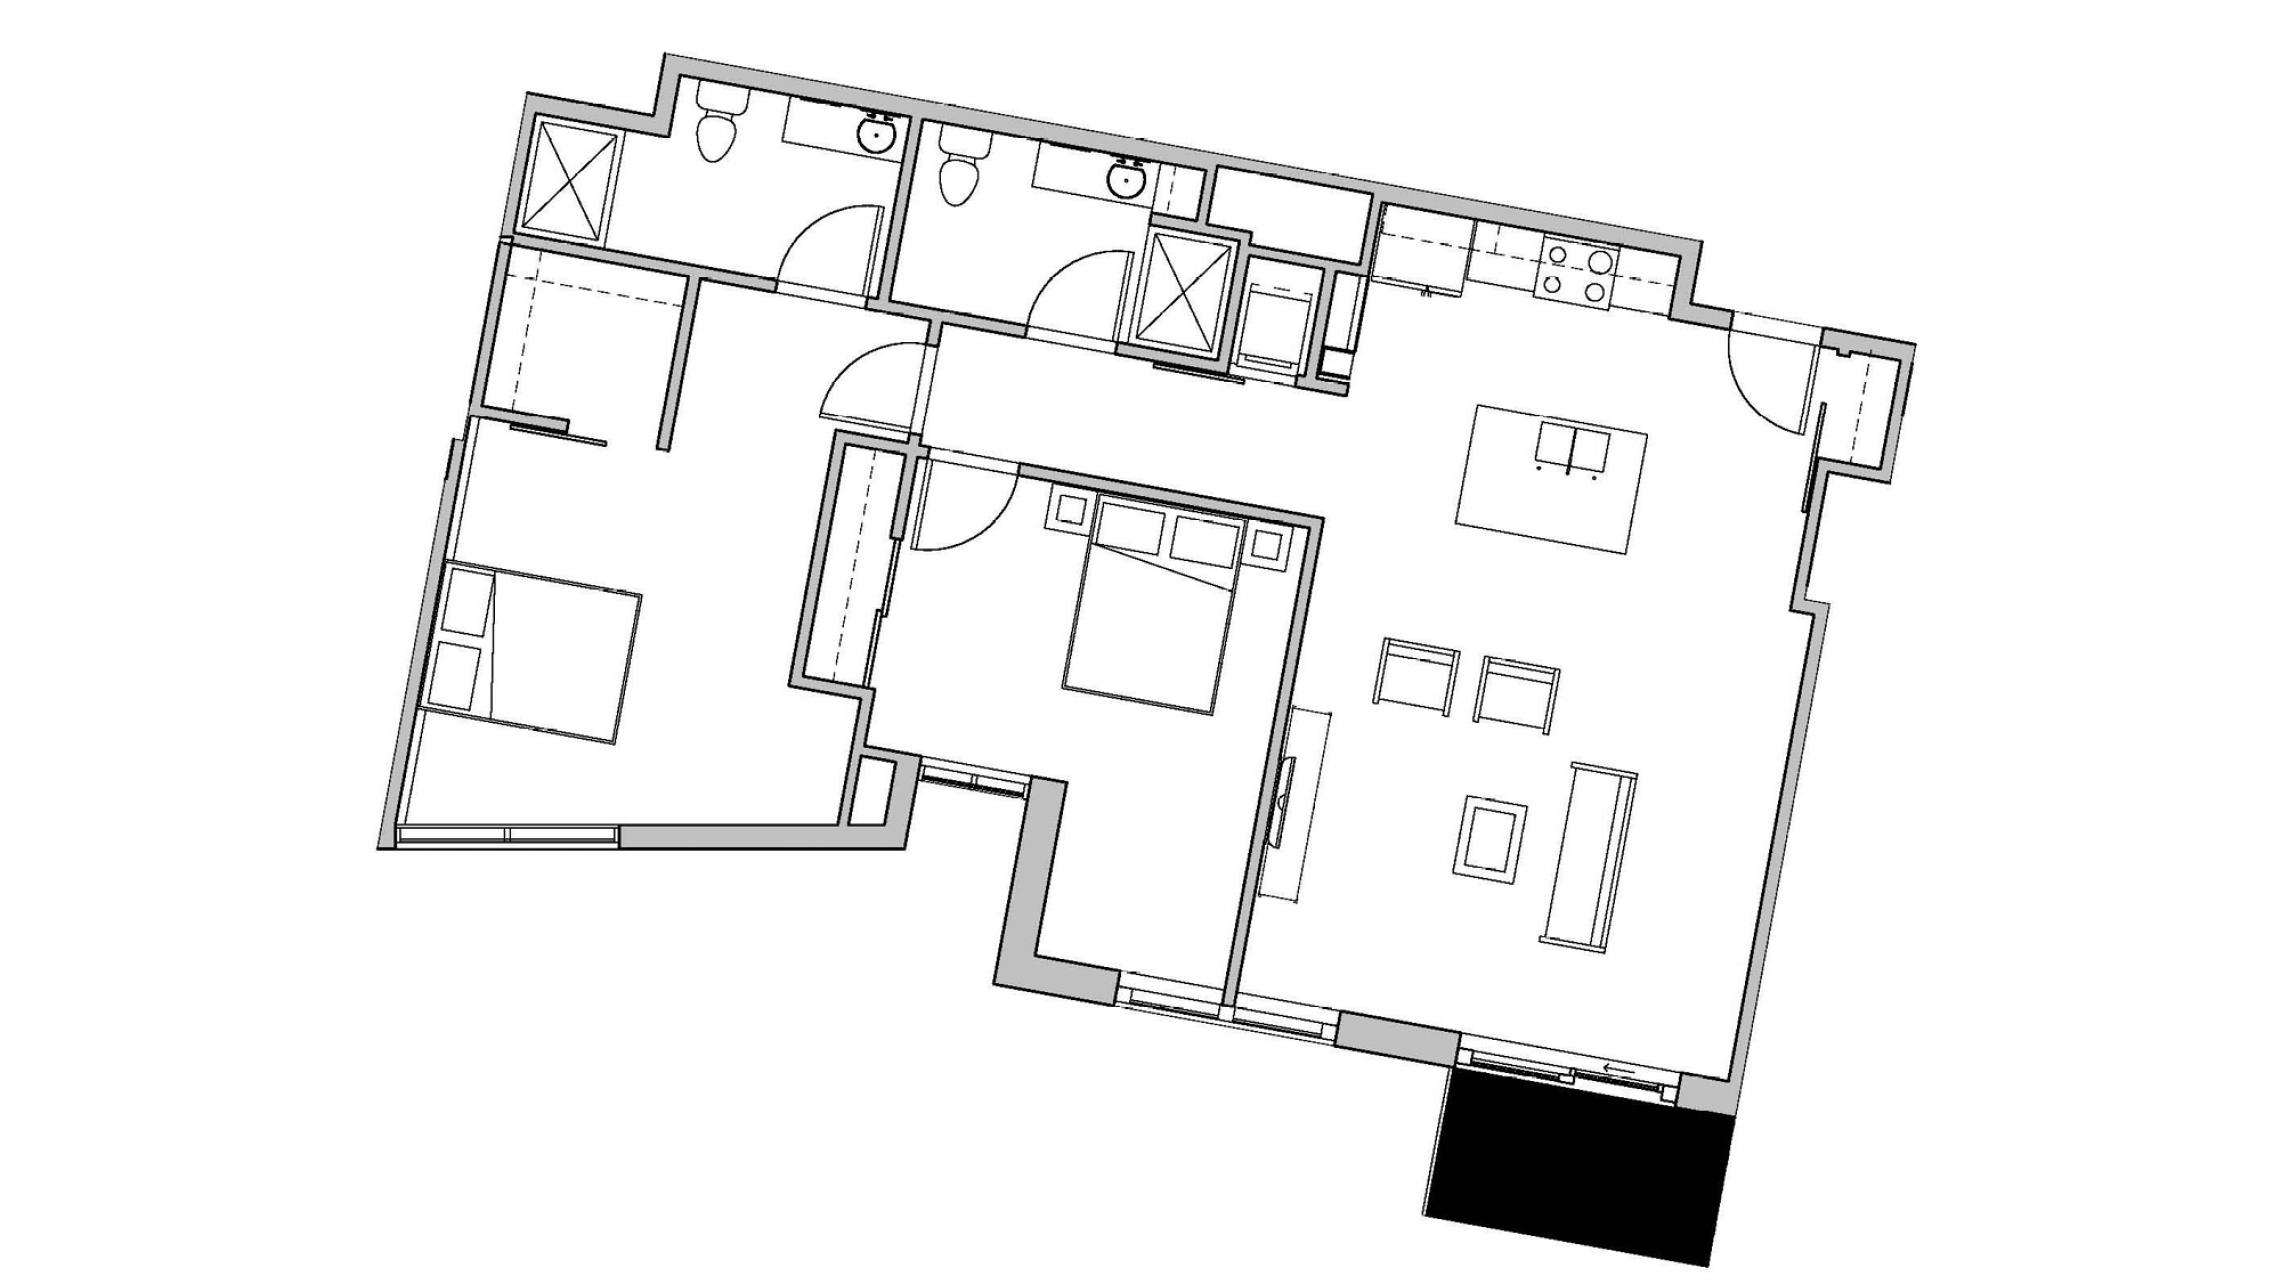 ULI Seven27 536 - Two Bedroom, Two Bathroom